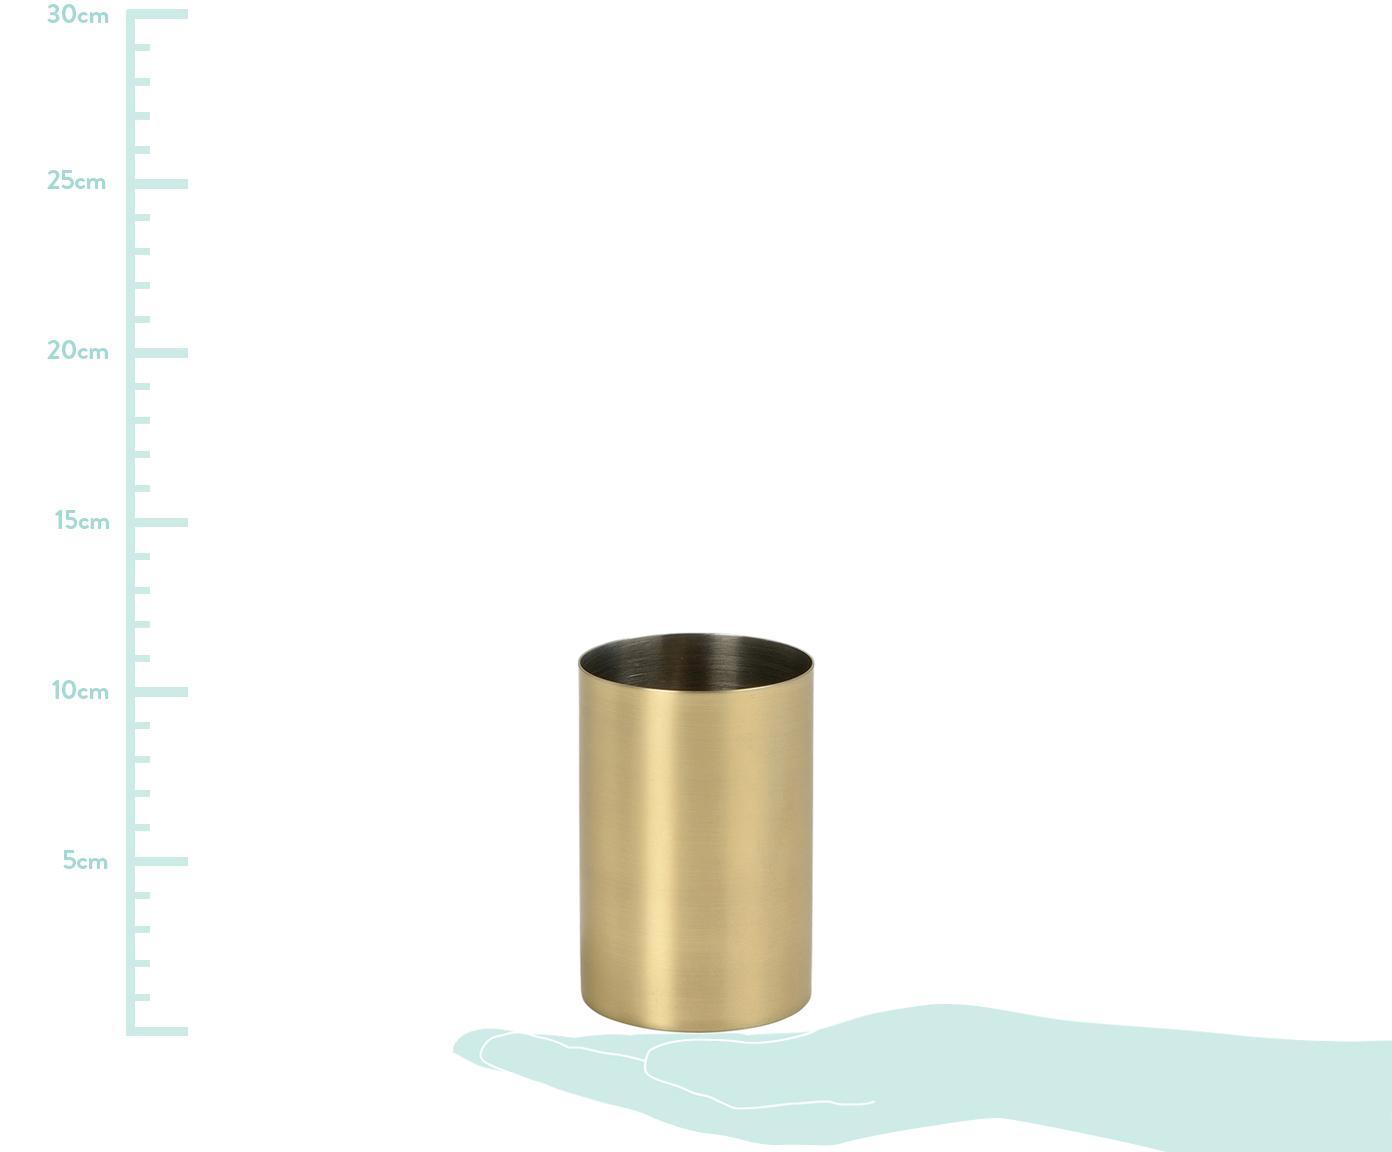 Edelstahl-Zahnputzbecher Onyar, Edelstahl, beschichtet, Messingfarben, Ø 7 x H 10 cm